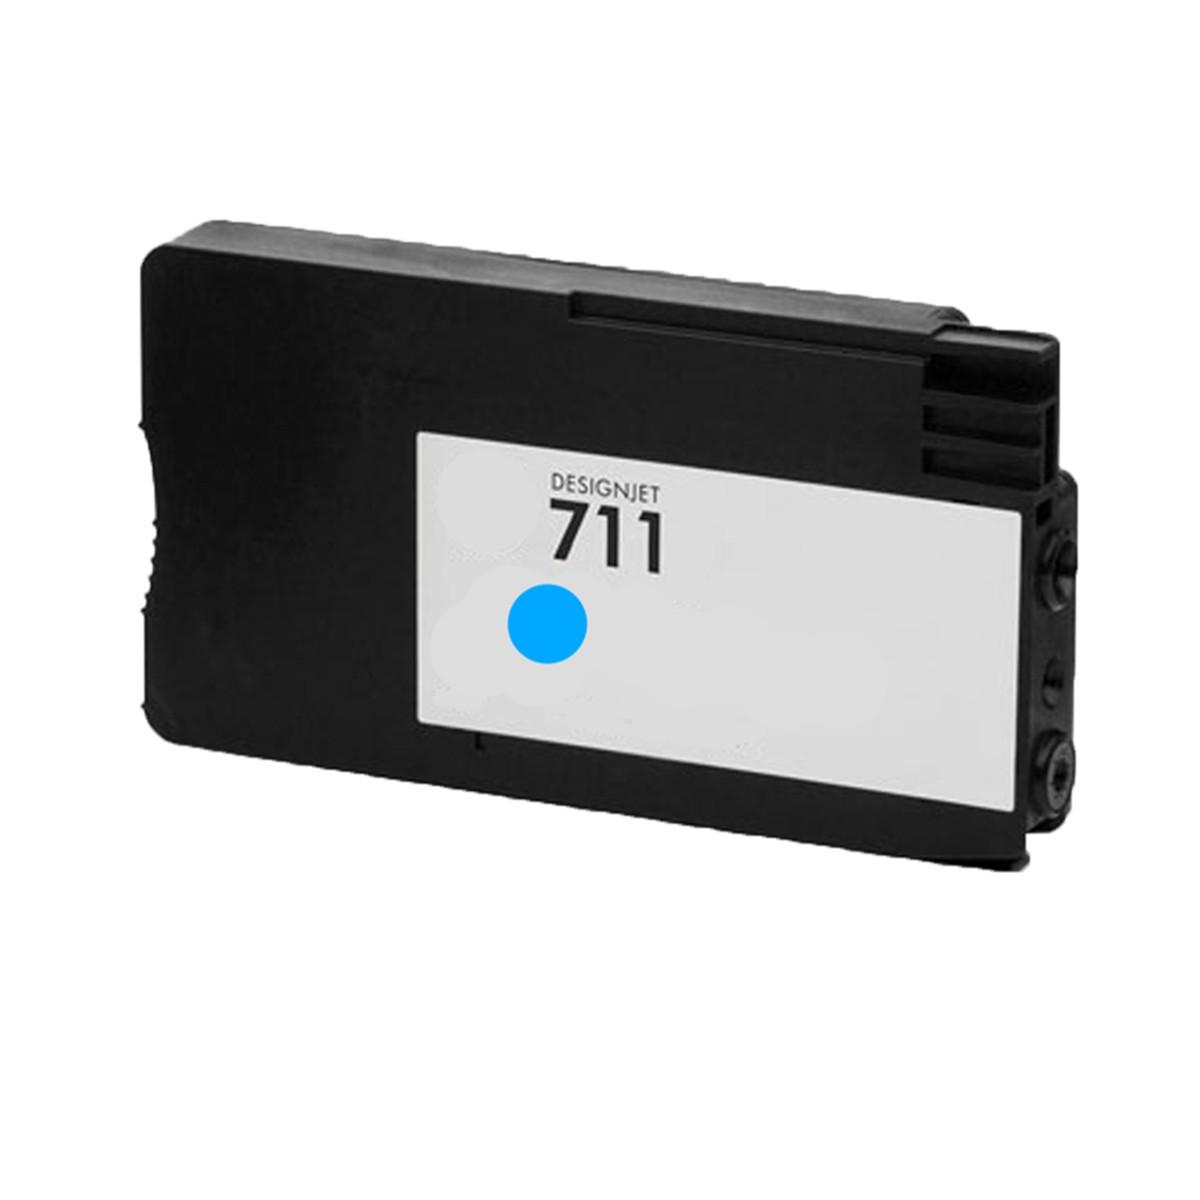 Cartucho de Tinta Compatível com HP 711 Ciano CZ130A | T520 T120 CQ890A CQ891A CQ893A | 28ml